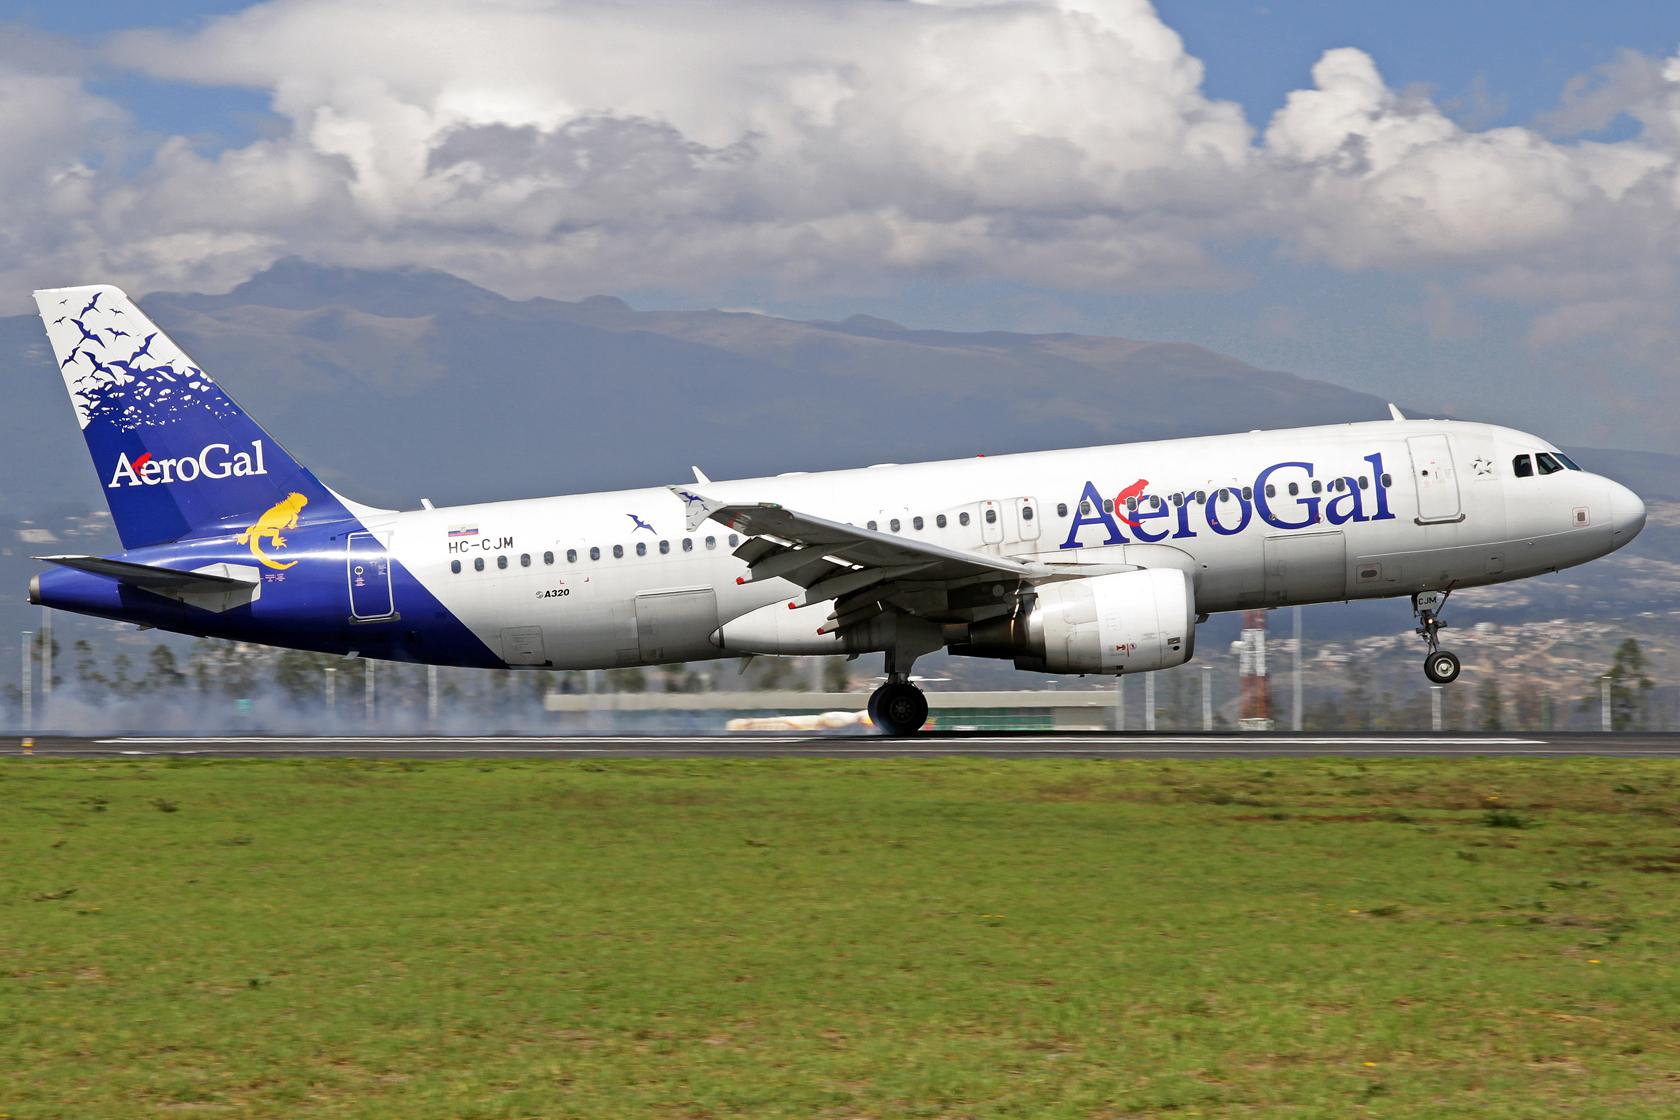 AeroGal Airbus A320-214 HC-CJM - Nur noch drei Flugzeuge sind in diesen Farben lackiert. Alle anderen Maschinen der Flotte tragen schon das Farbenkleid der Avianca, lediglich ein kleiner Sticker weist nun darauf hin, dass die Maschinen durch AeroGal betri